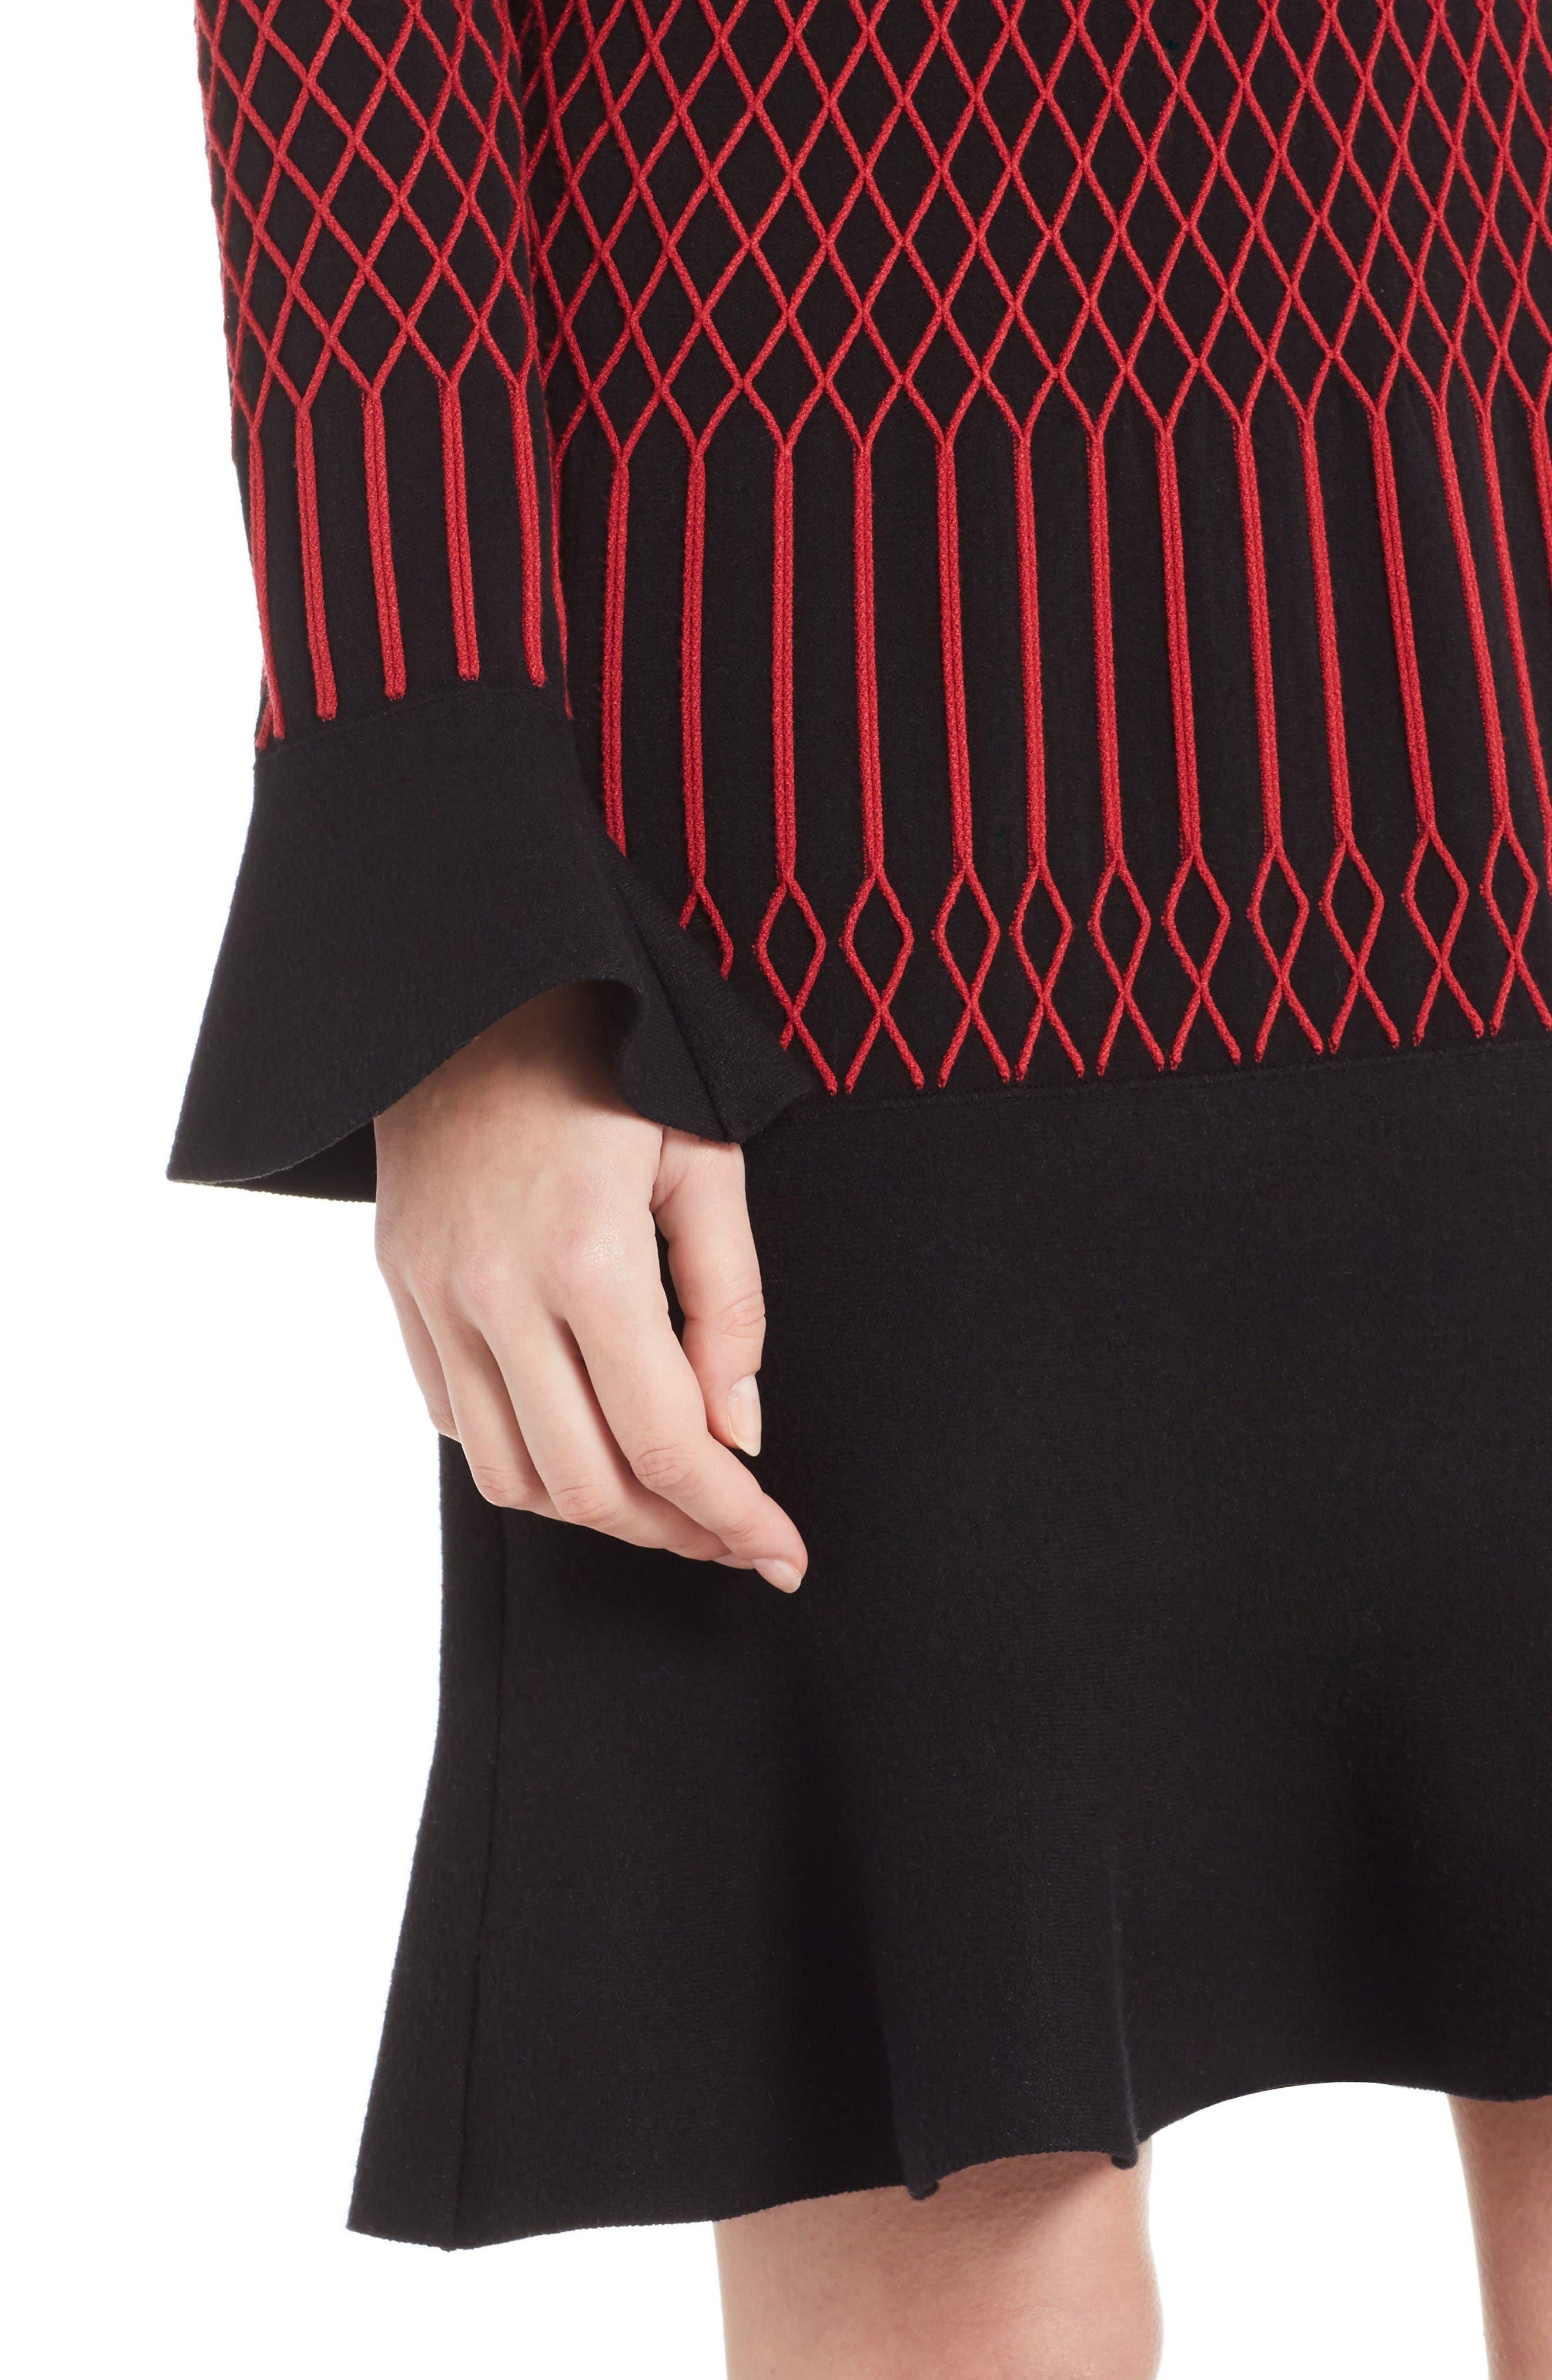 Lozenge Knit Flutter Hem Dress,                             Alternate thumbnail 6, color,                             Black/ Poppy